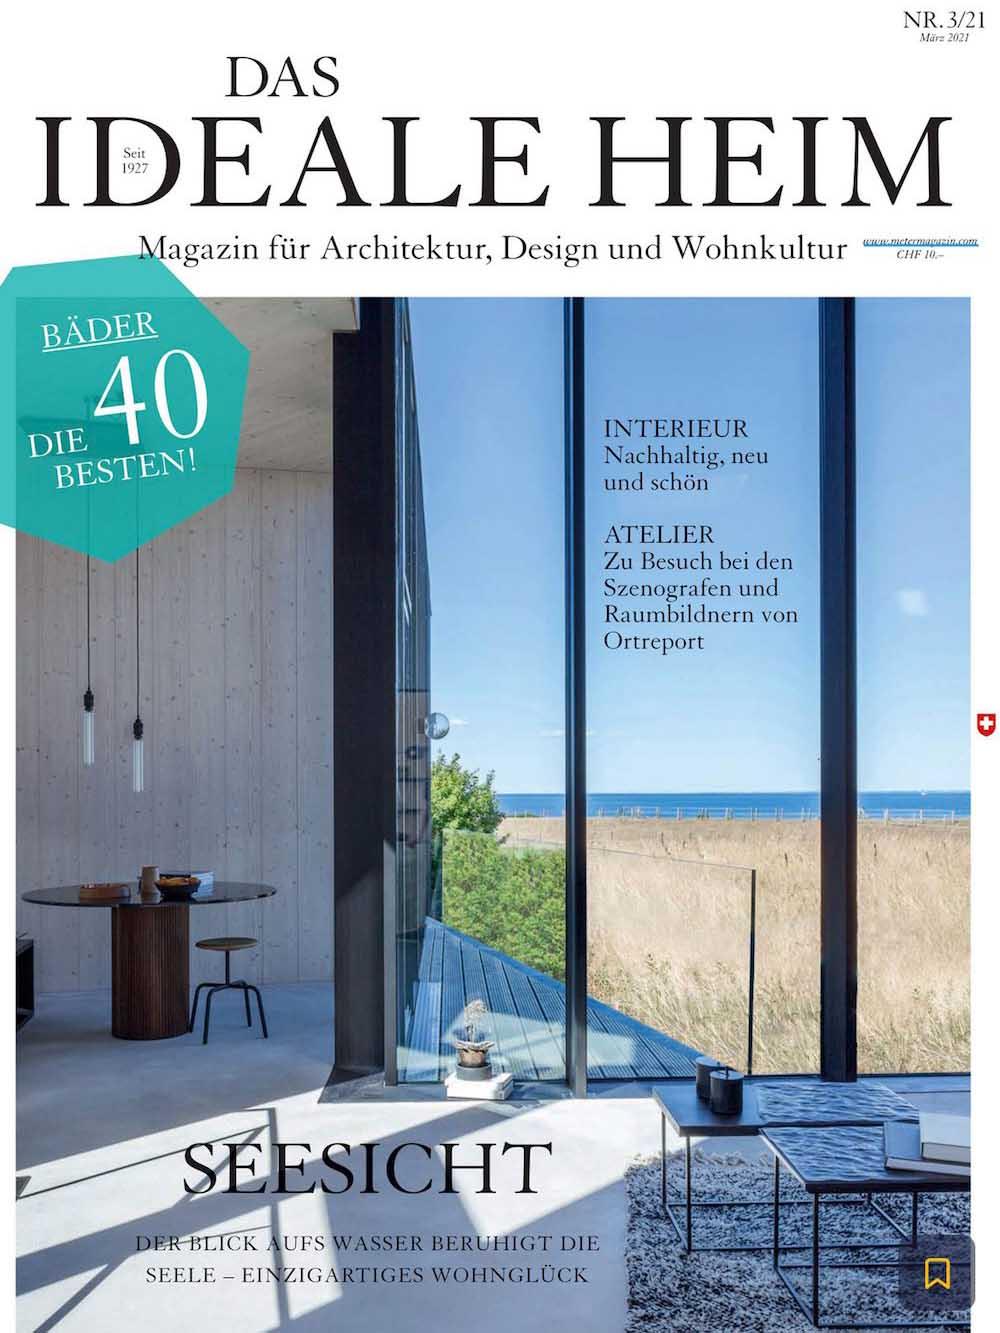 Das Ideale Heim_3-21_Cover_web